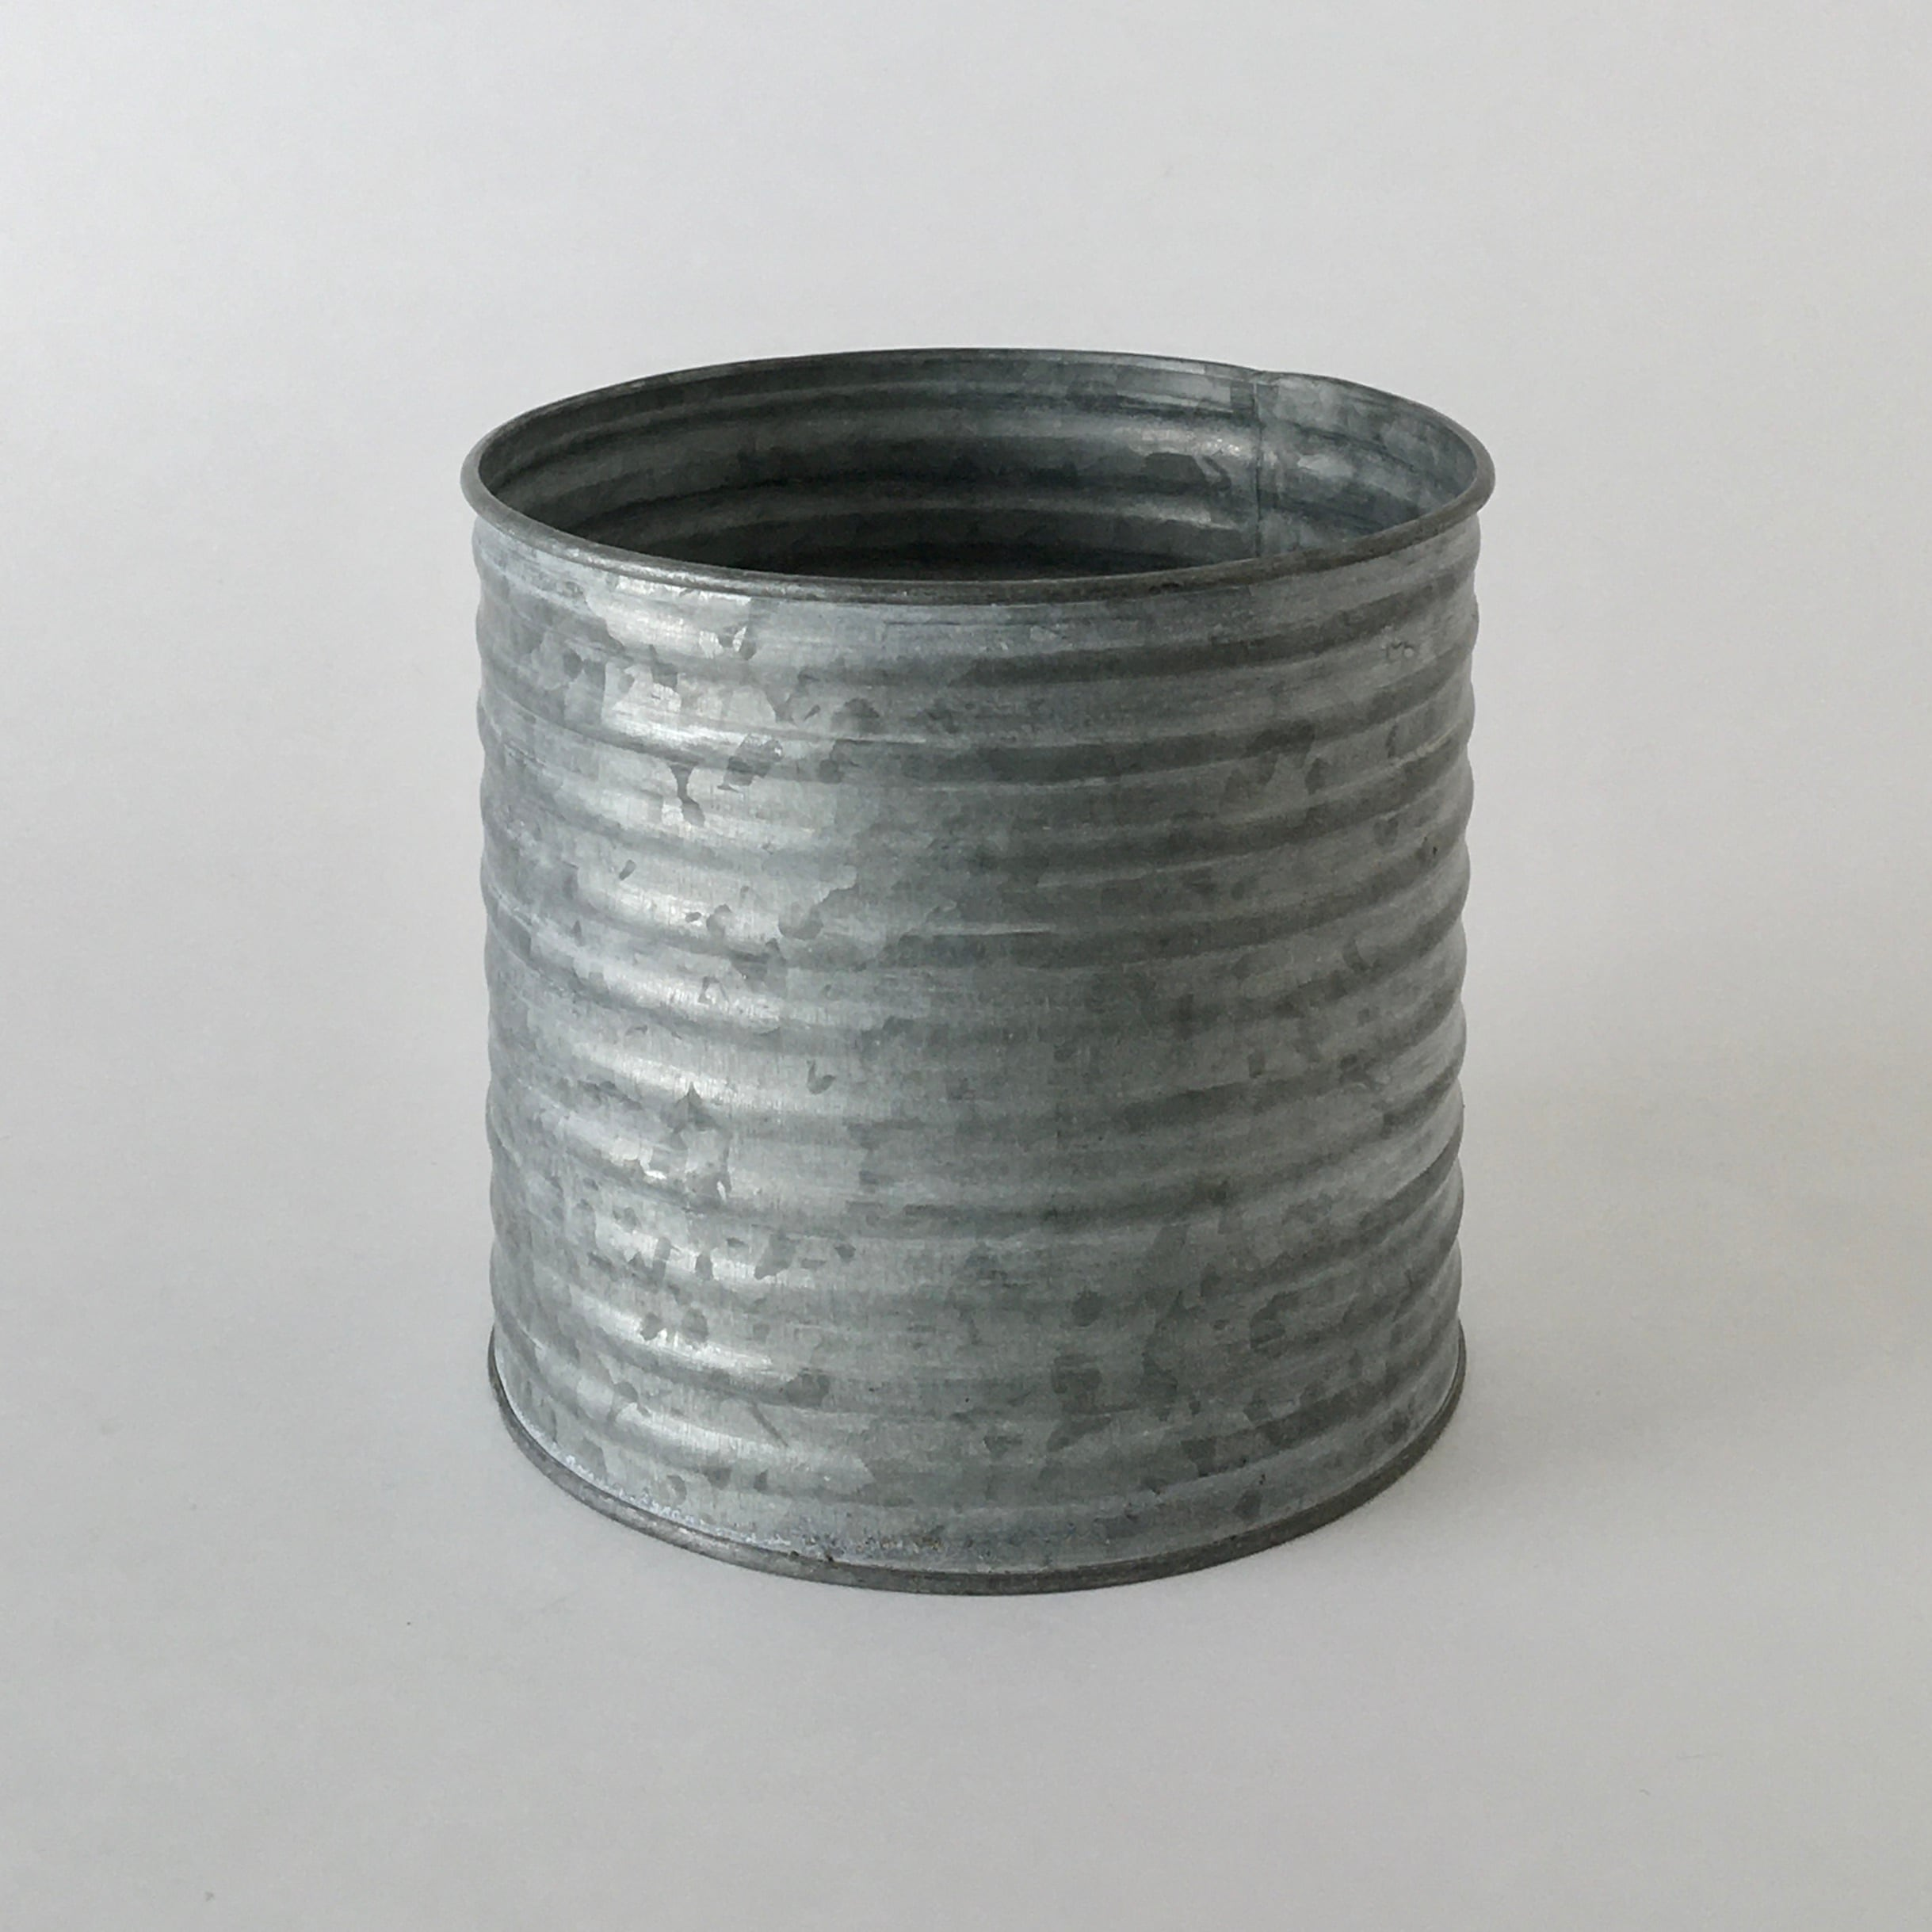 ブリキのポット 波型 L|Tin Pot Wave Shape L